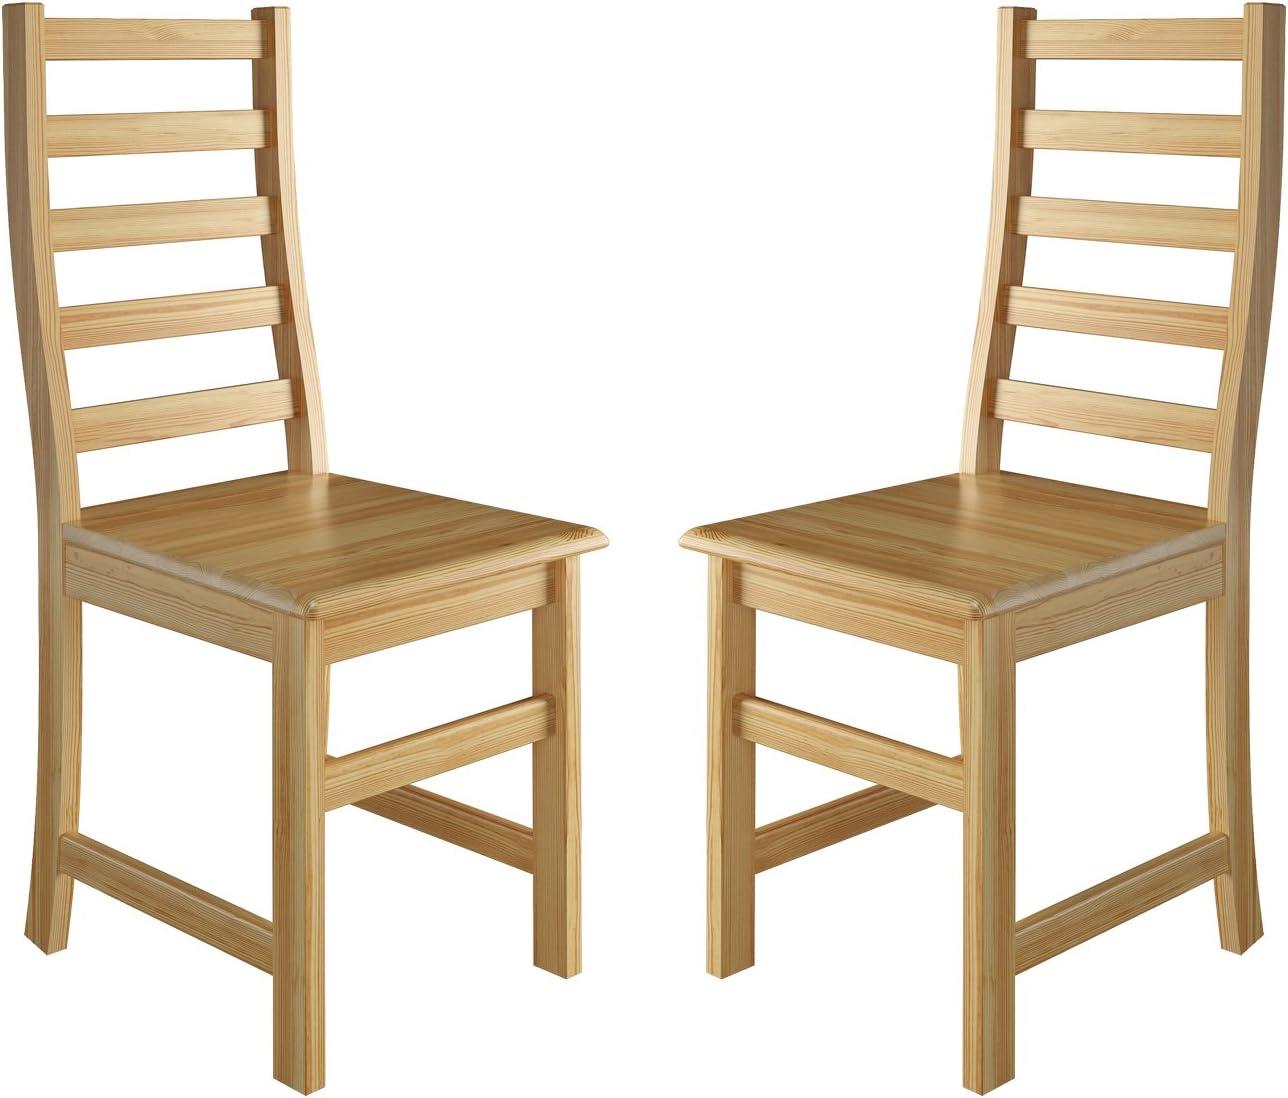 Erst Holz® Küchenstuhl Massivholzstuhl Esszimmerstuhl Kiefer